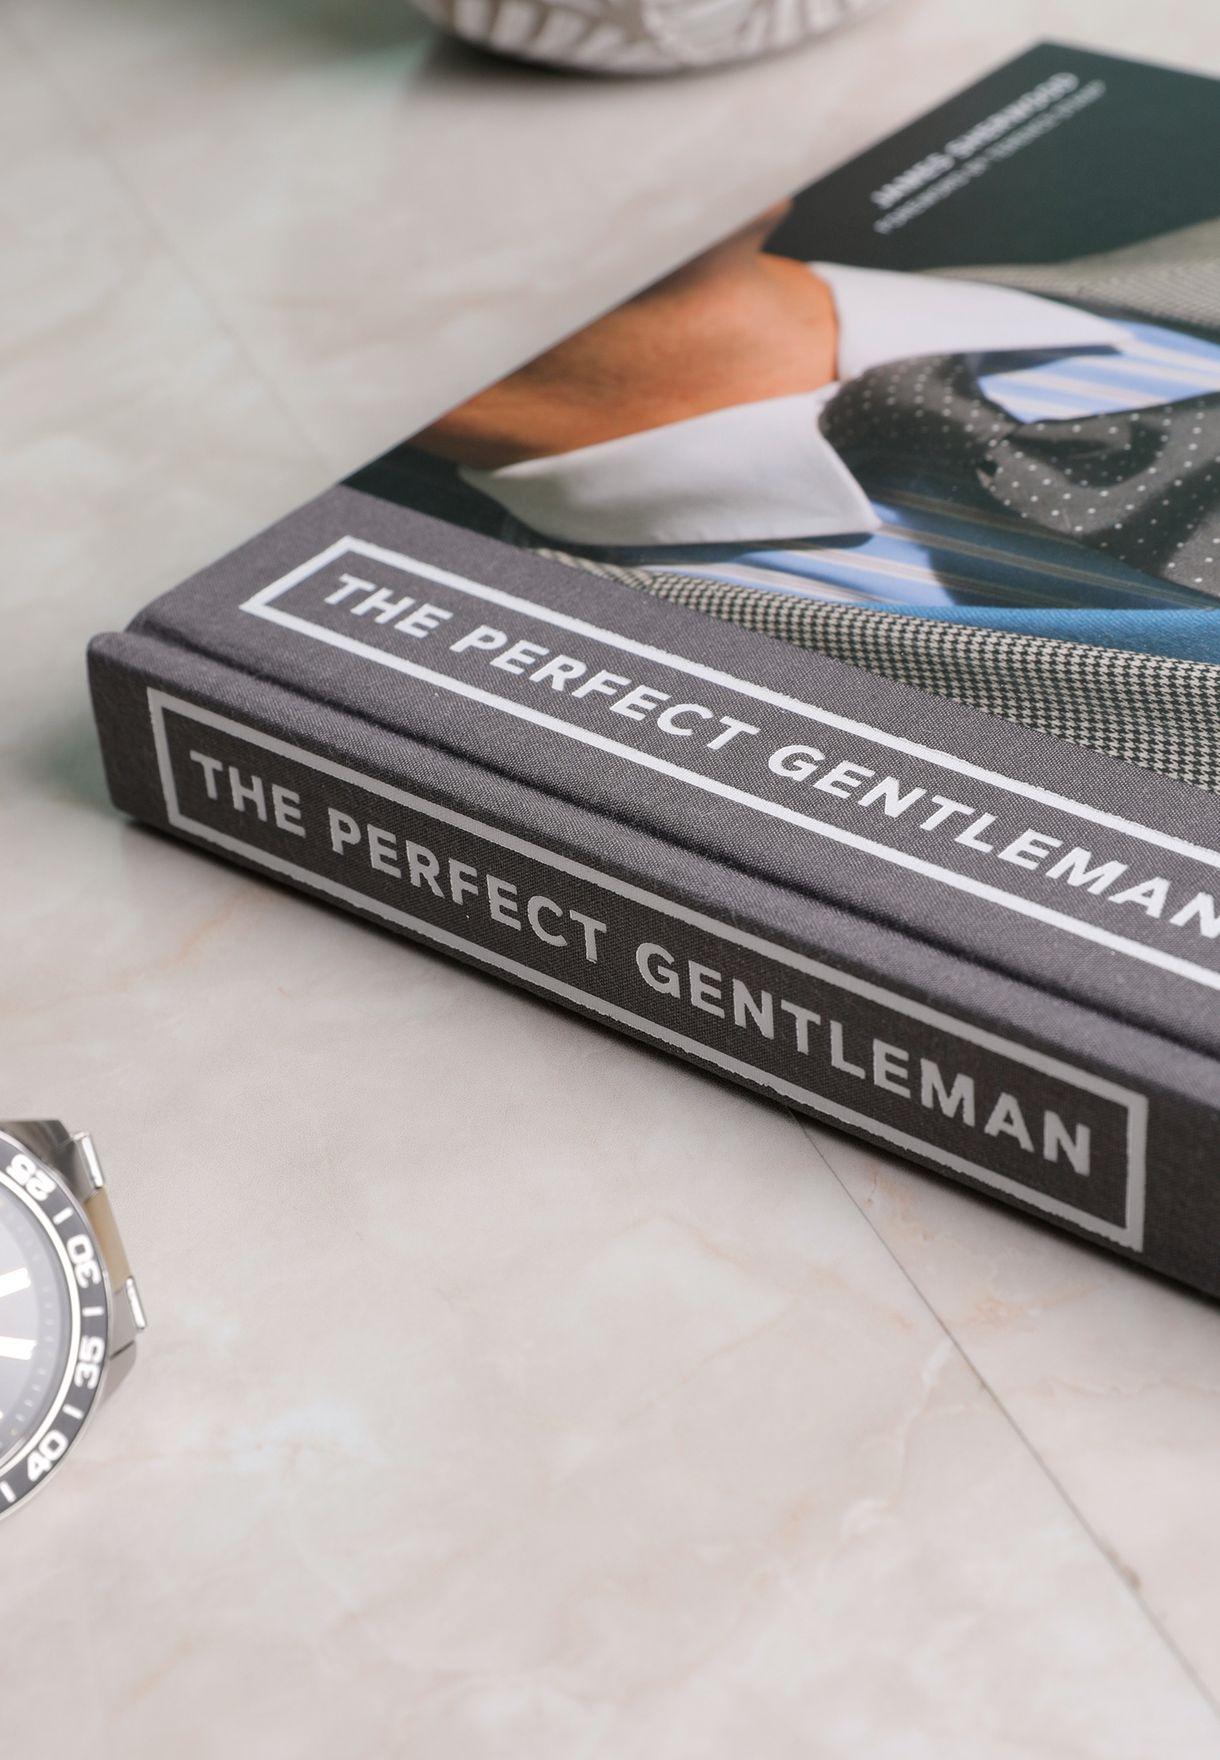 كتاب ذا بيرفكت جنتل مان